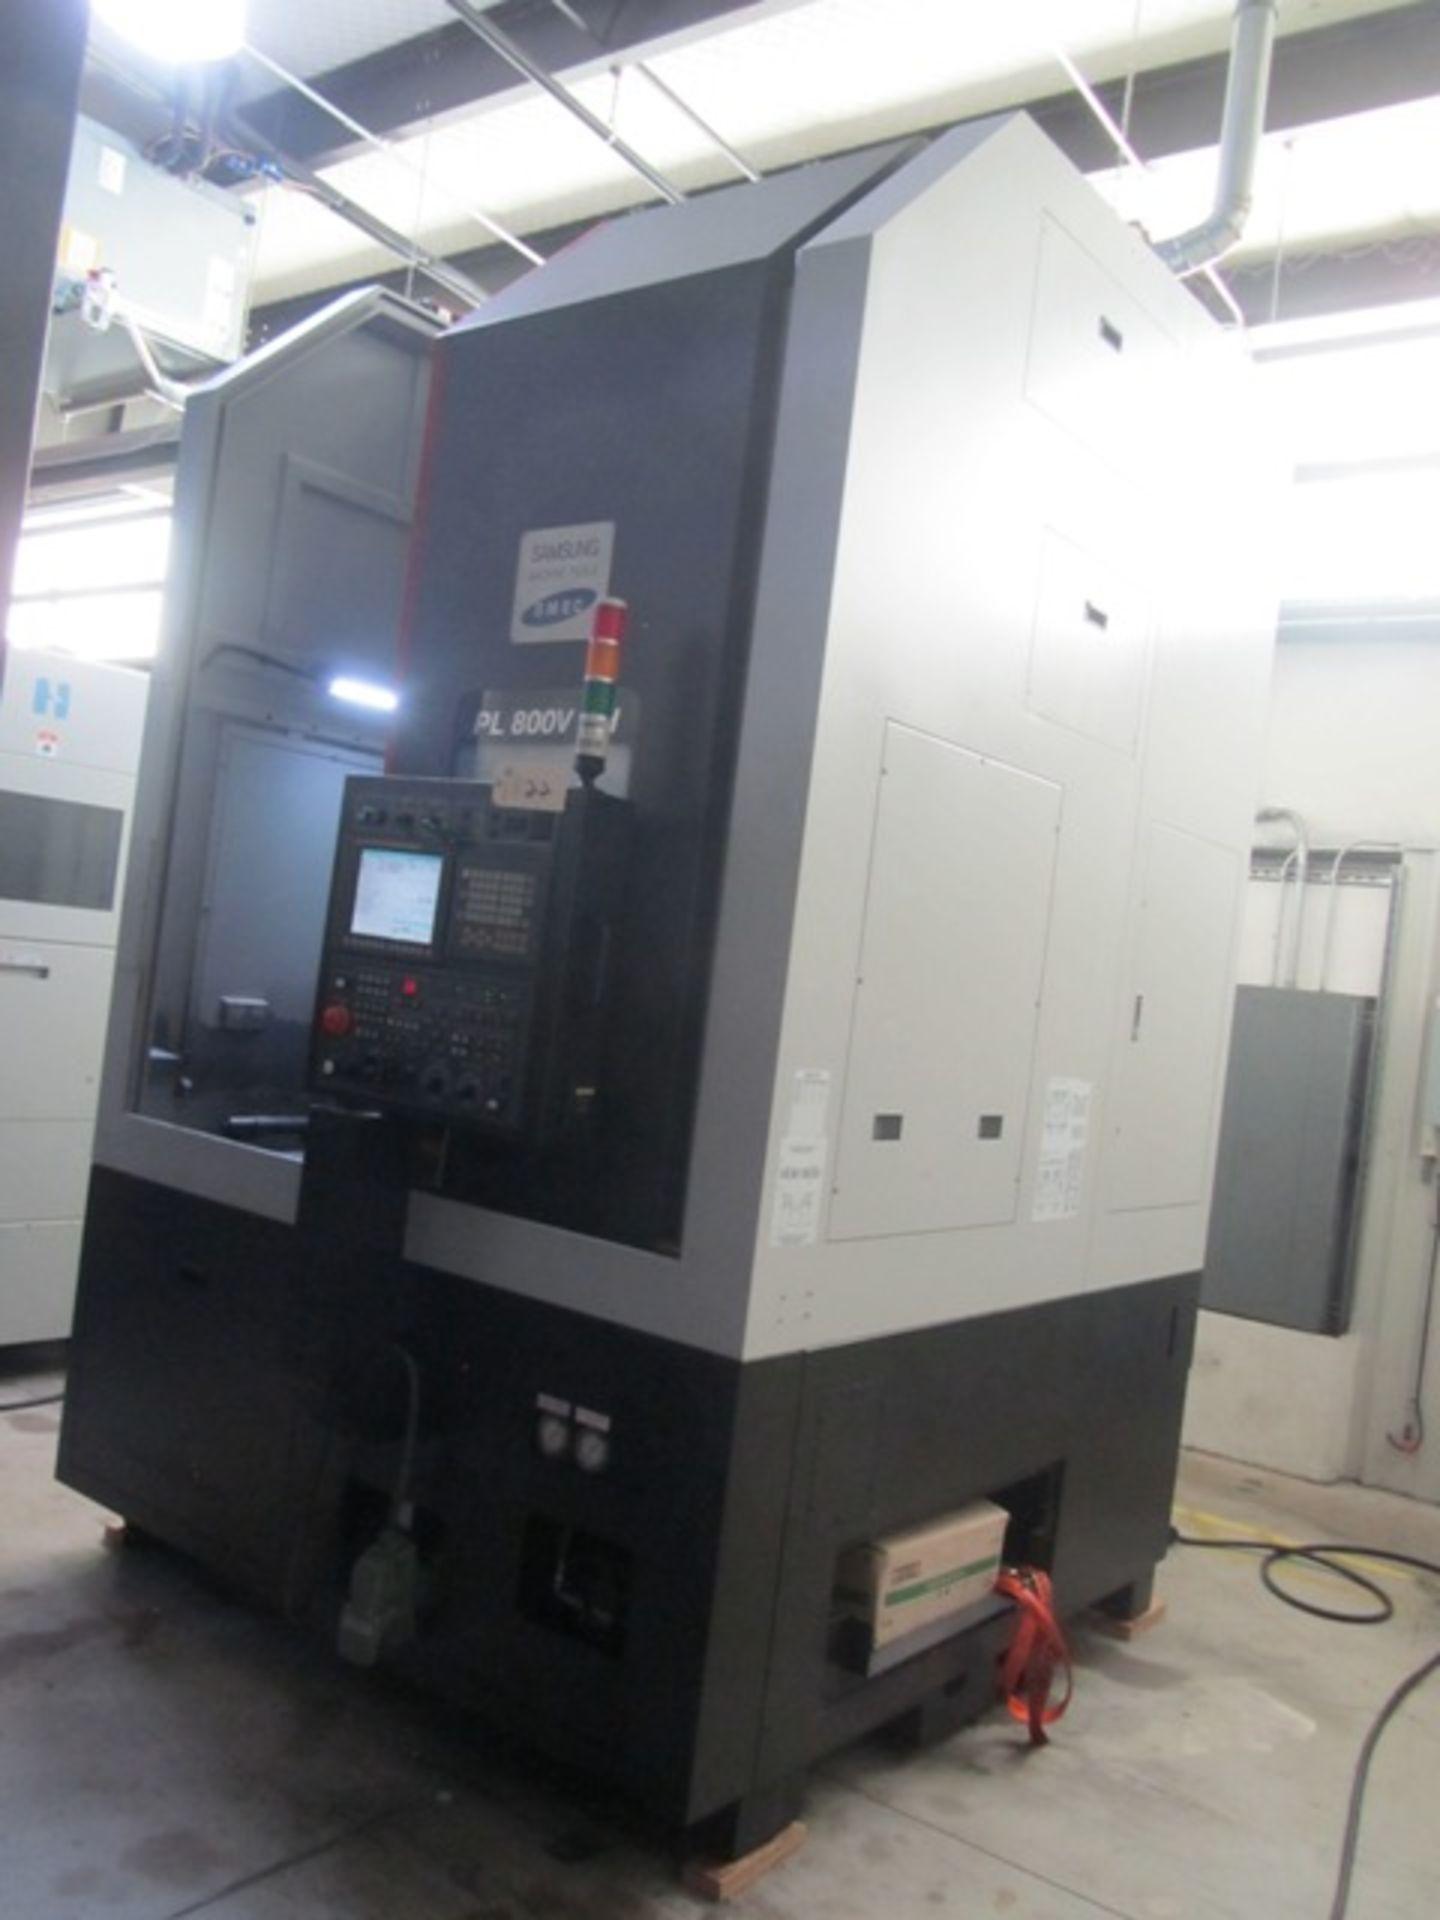 Lot 22 - Samsung PL800V CNC Vertical Turning Center